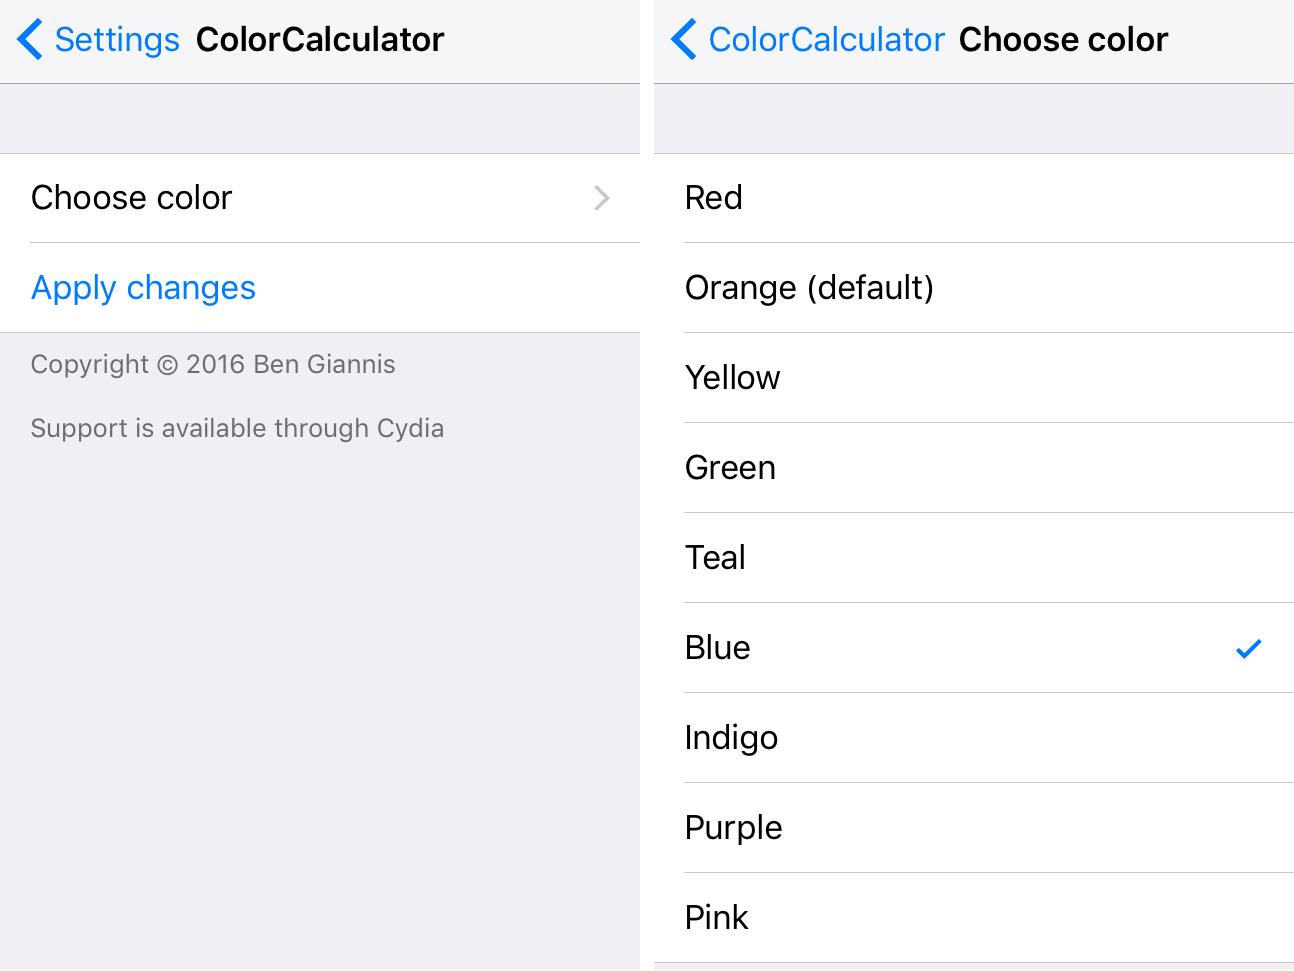 ColorCalculator Prefs